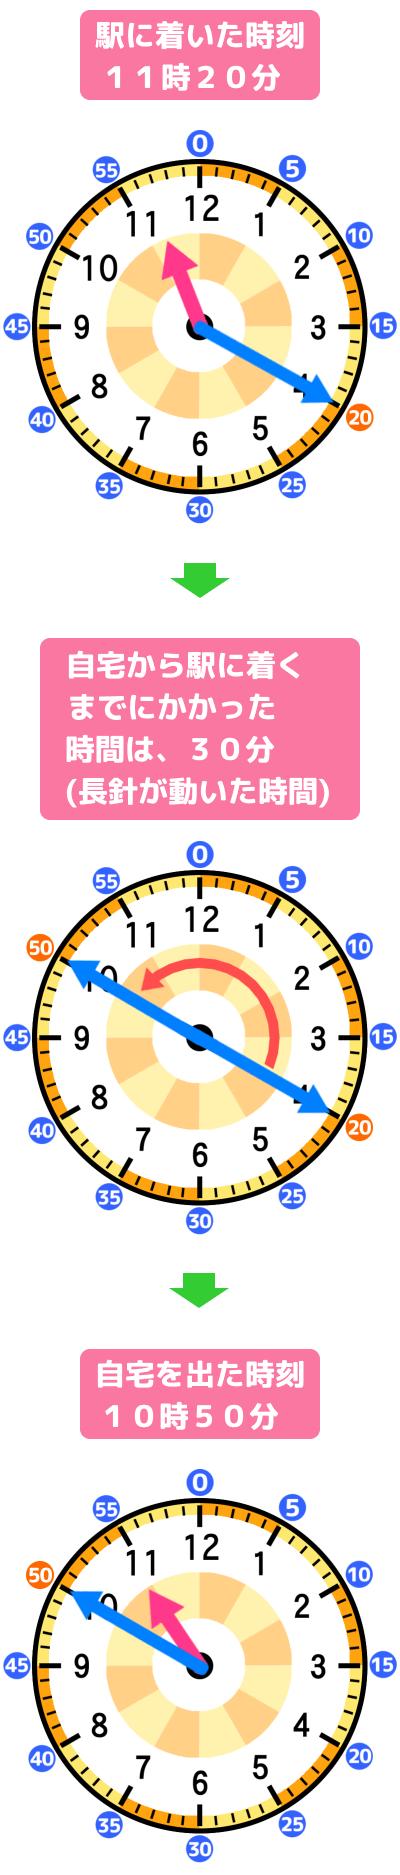 駅についた時刻から30分さかのぼる長針の動きを解説するアナログ時計の図